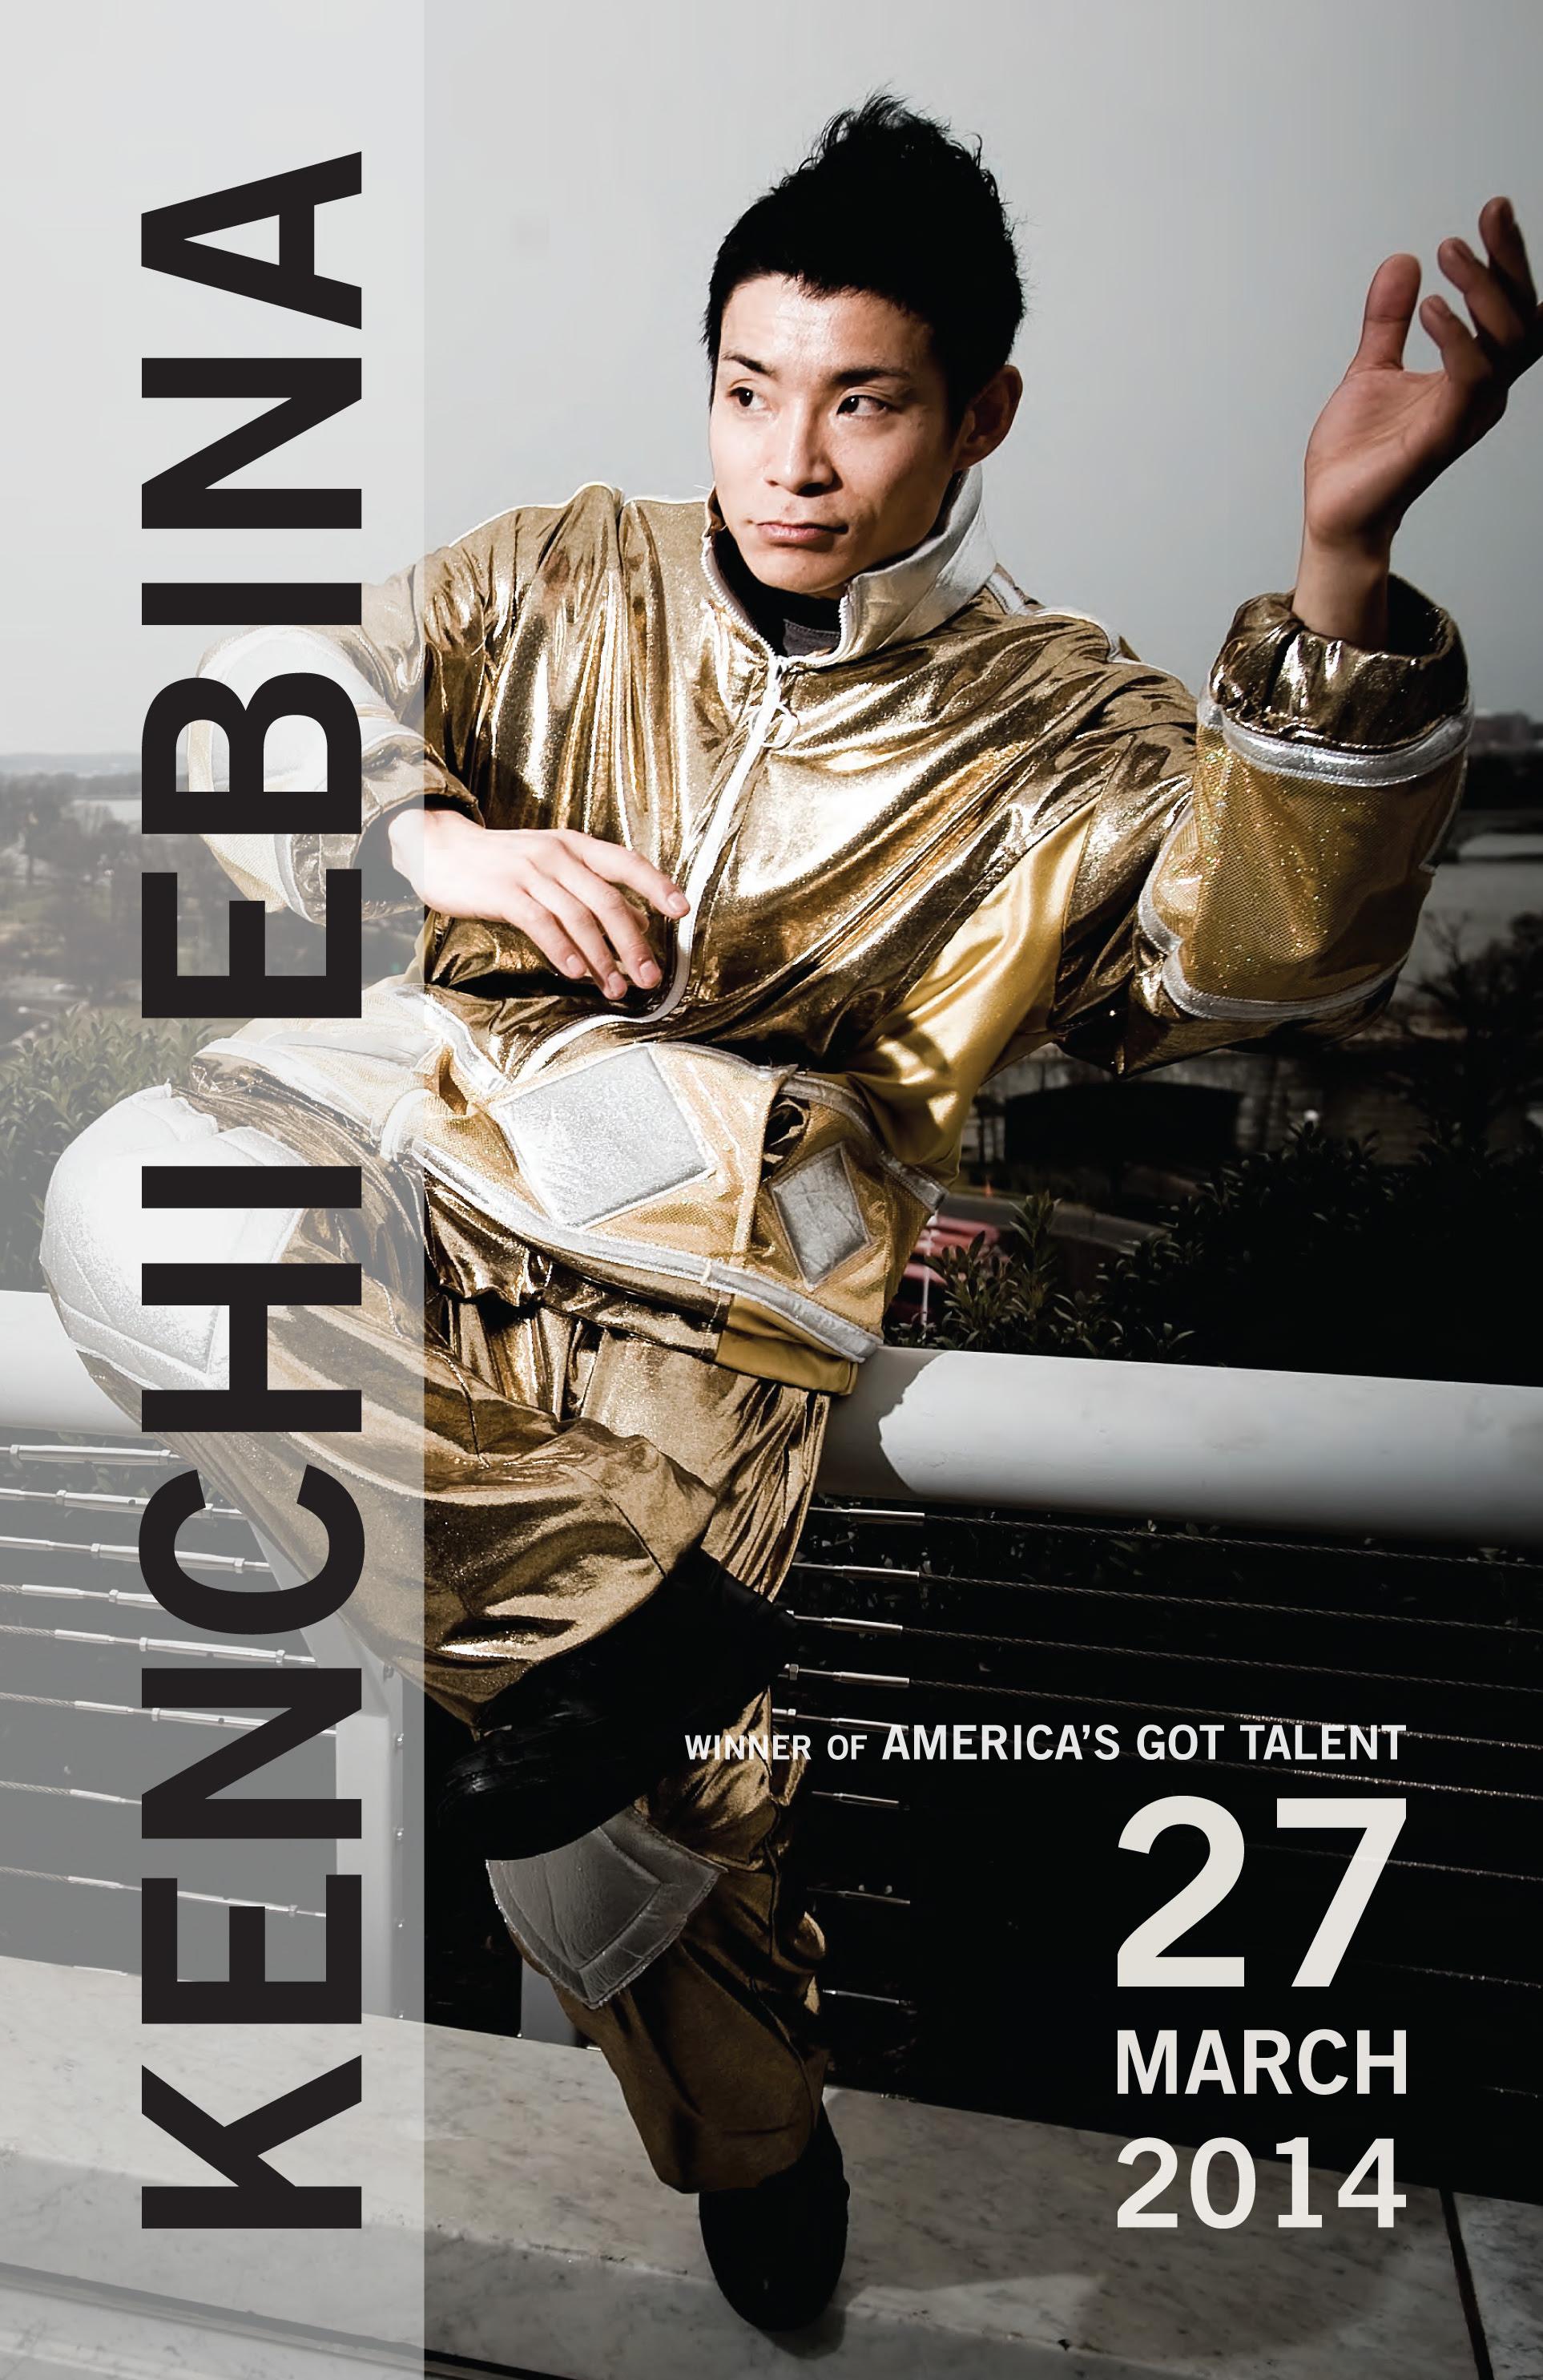 Kenichi ebina mar 27 1